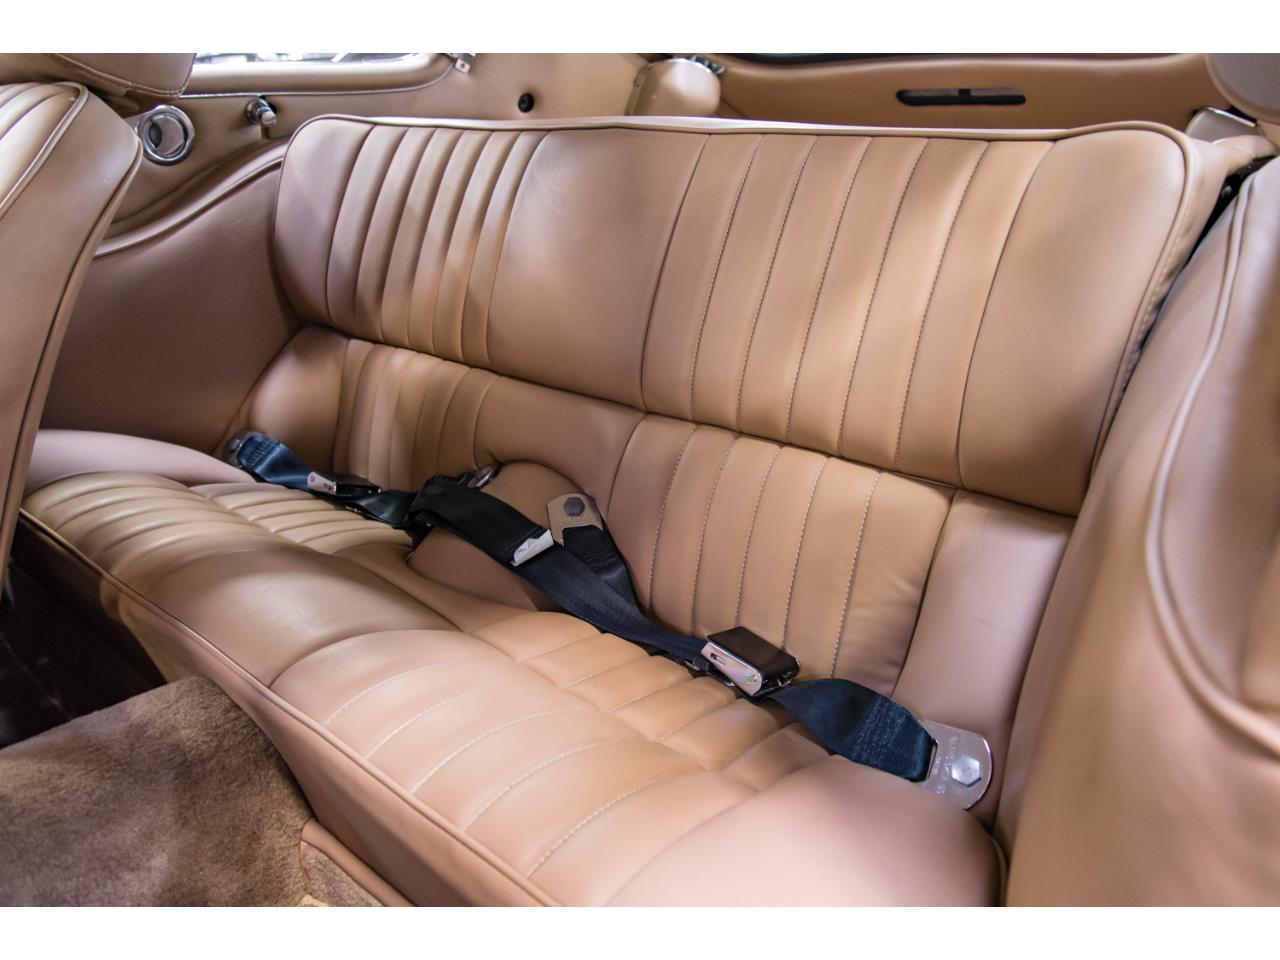 Large Picture of 1972 Jaguar E-Type located in Ohio - $54,800.00 - Q55P